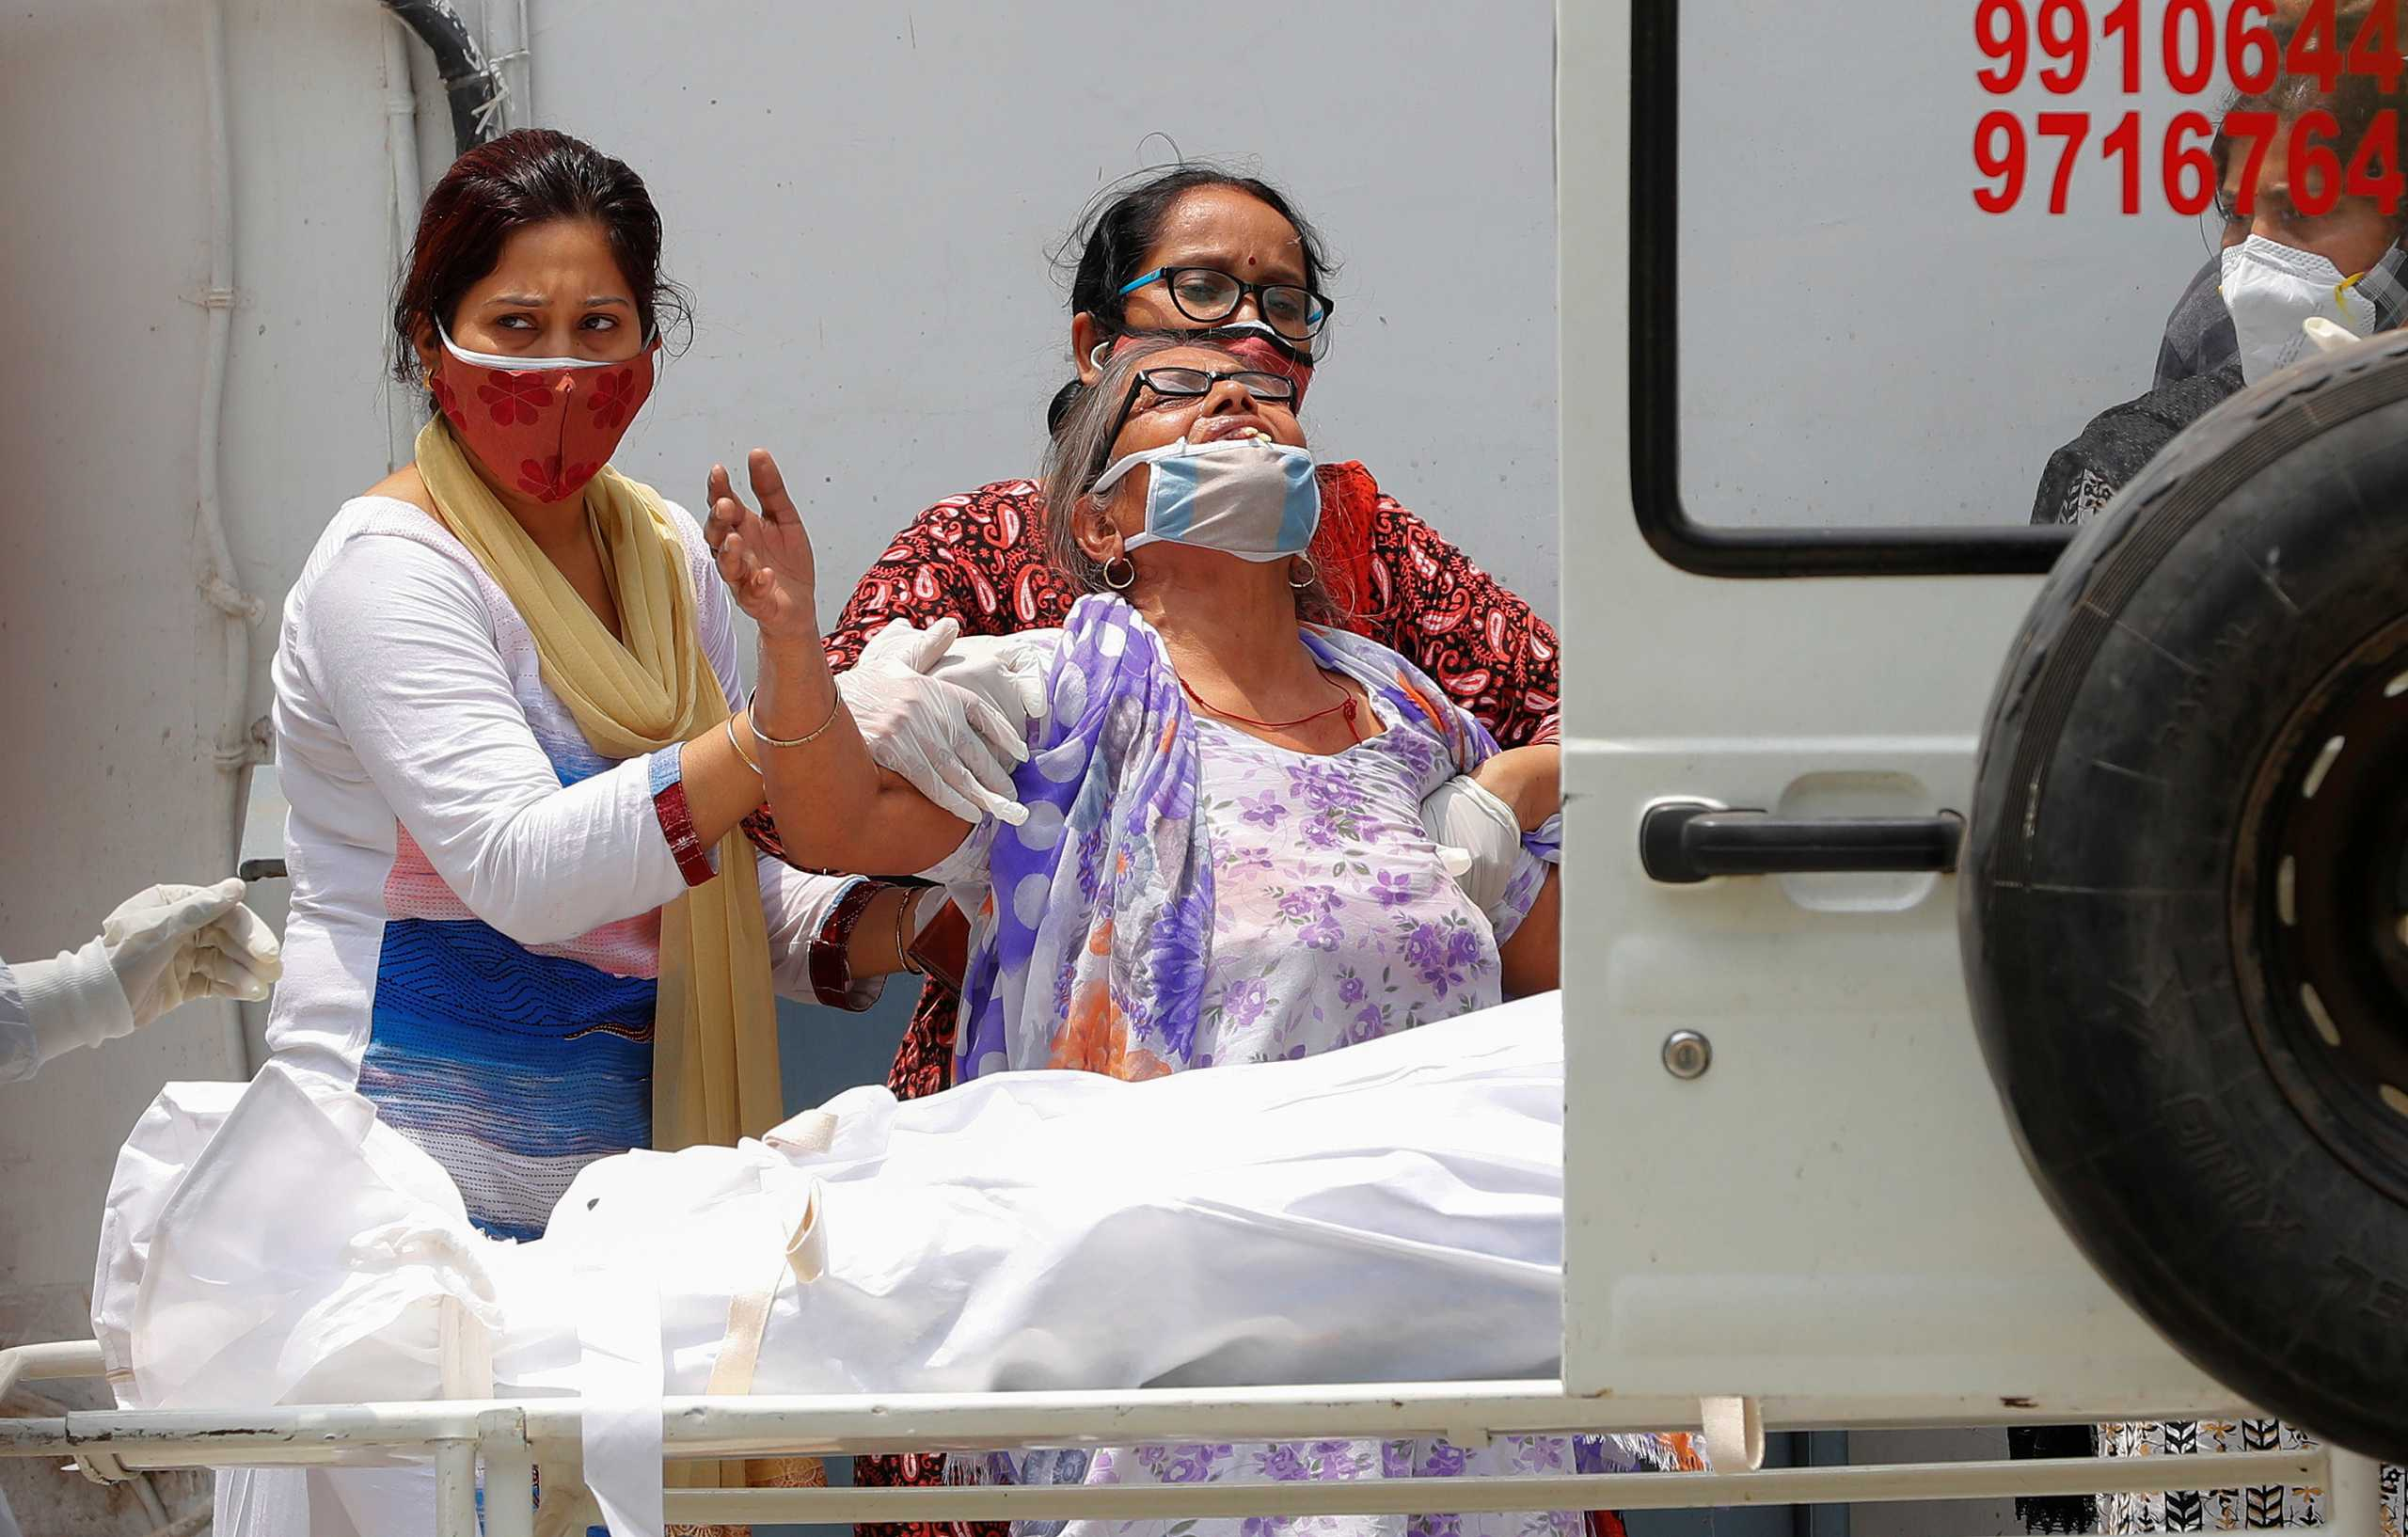 Ανελέητος ο κορονοϊός στην Ινδία: 362.727 κρούσματα και 4.120 θάνατοι το τελευταίο 24ωρο